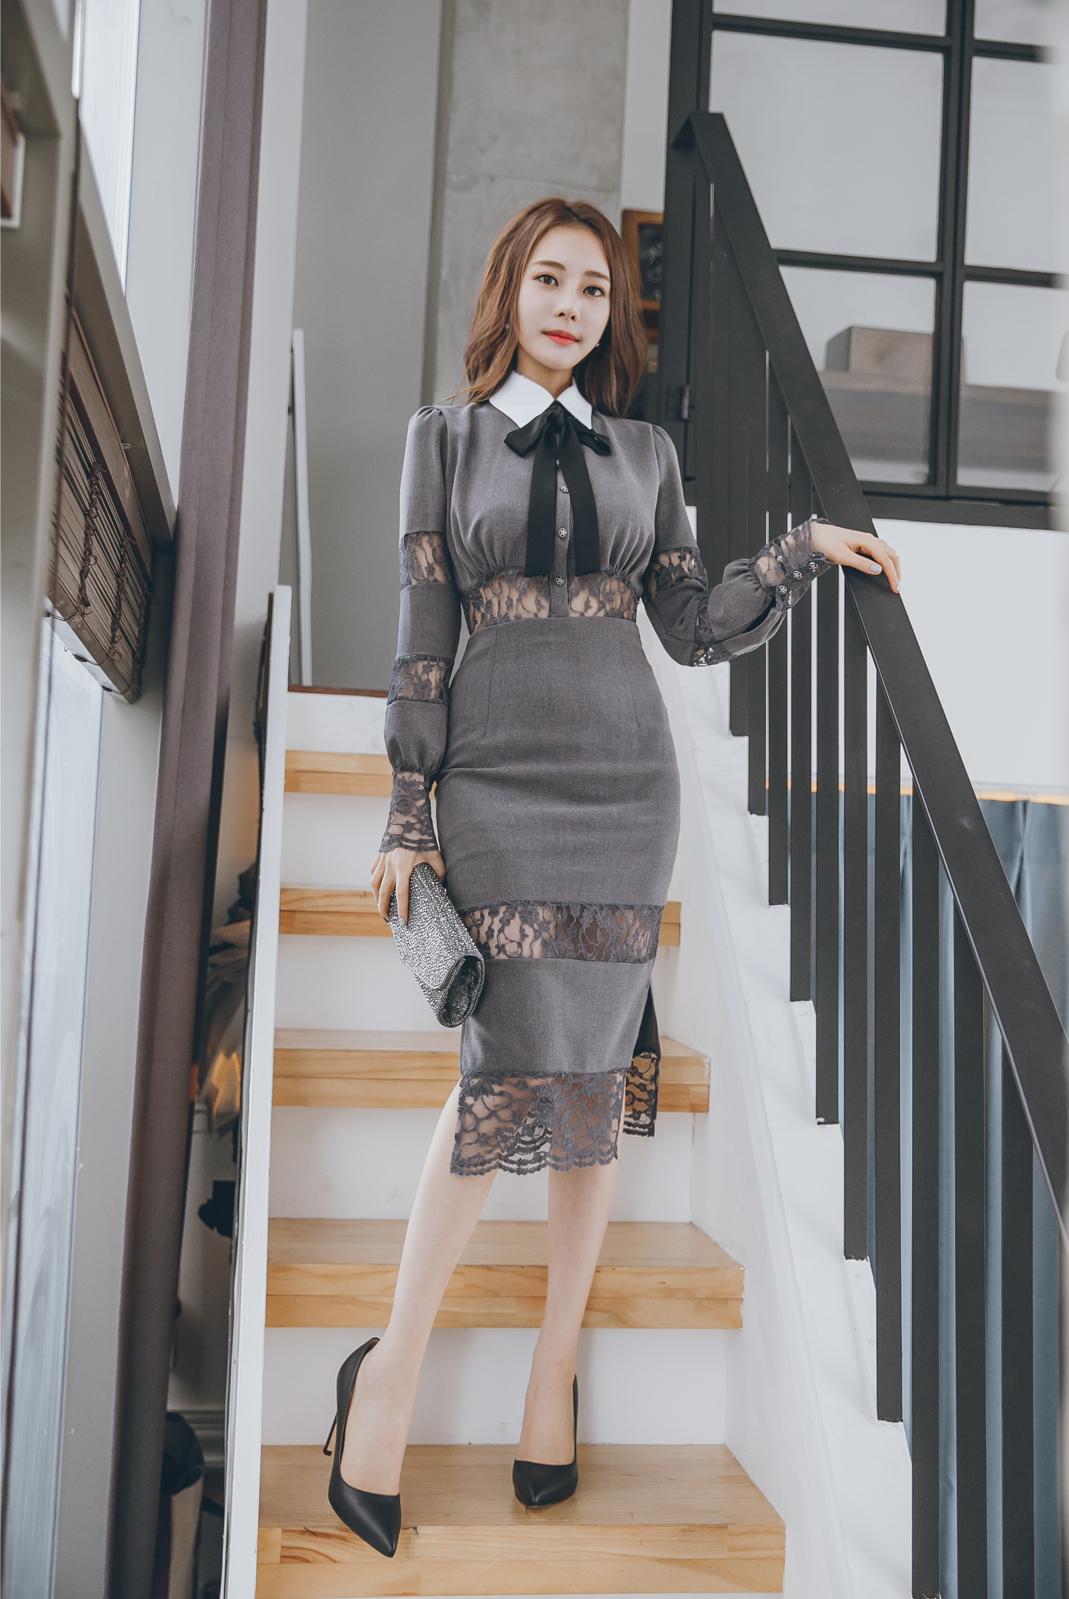 金敏英蕾丝蝴蝶连衣裙,呈现时尚潮流感